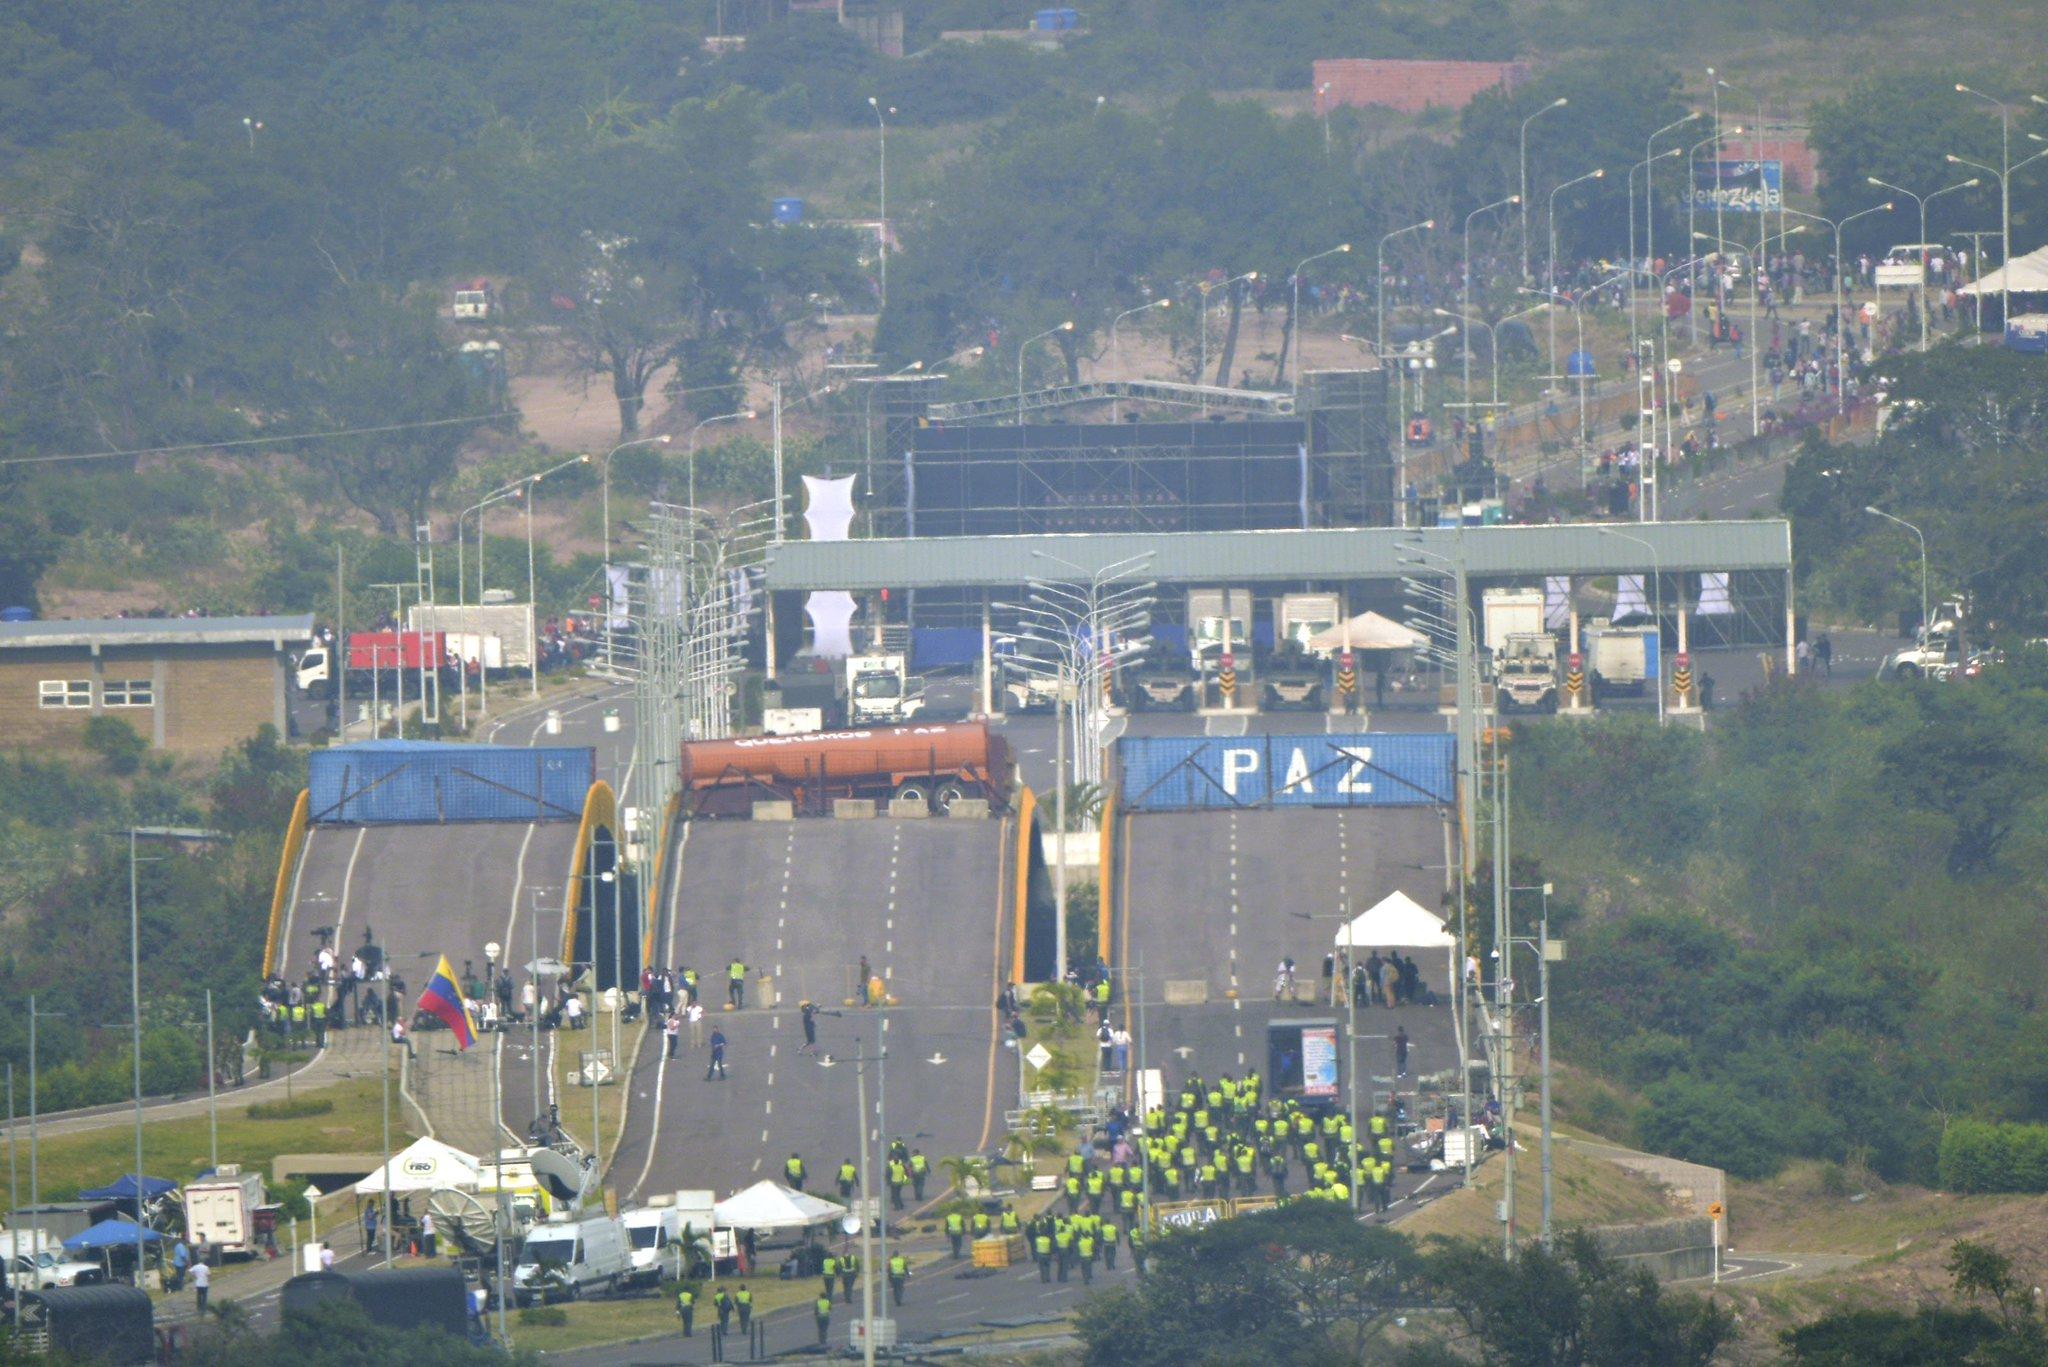 Colombia cerrará los pasos fronterizos en Norte de Santander el 24 y 25 de febrero https://t.co/gqxeLMWcqU https://t.co/YkVvpfciGO